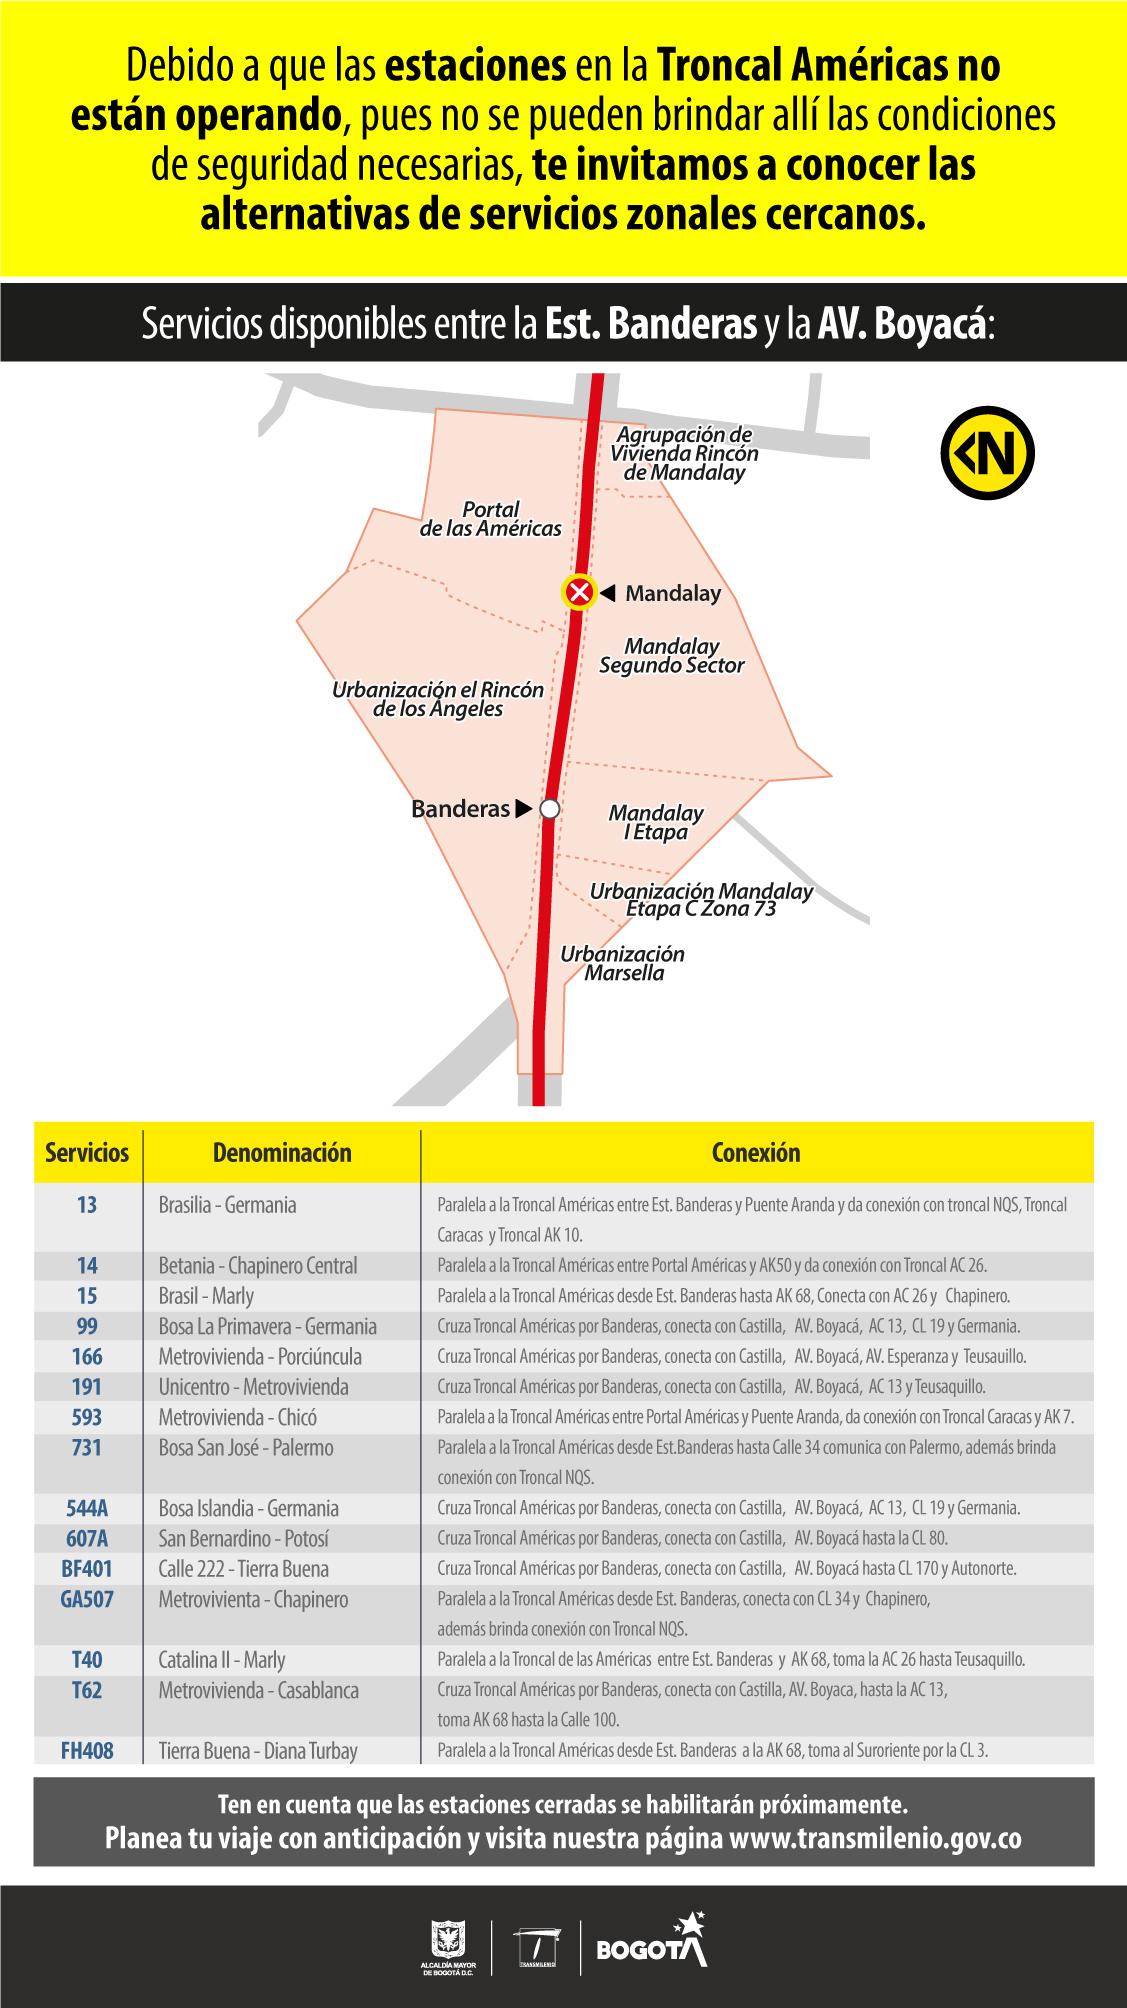 Alternativas de buses entre la estación Banderas y Avenida Boyacá